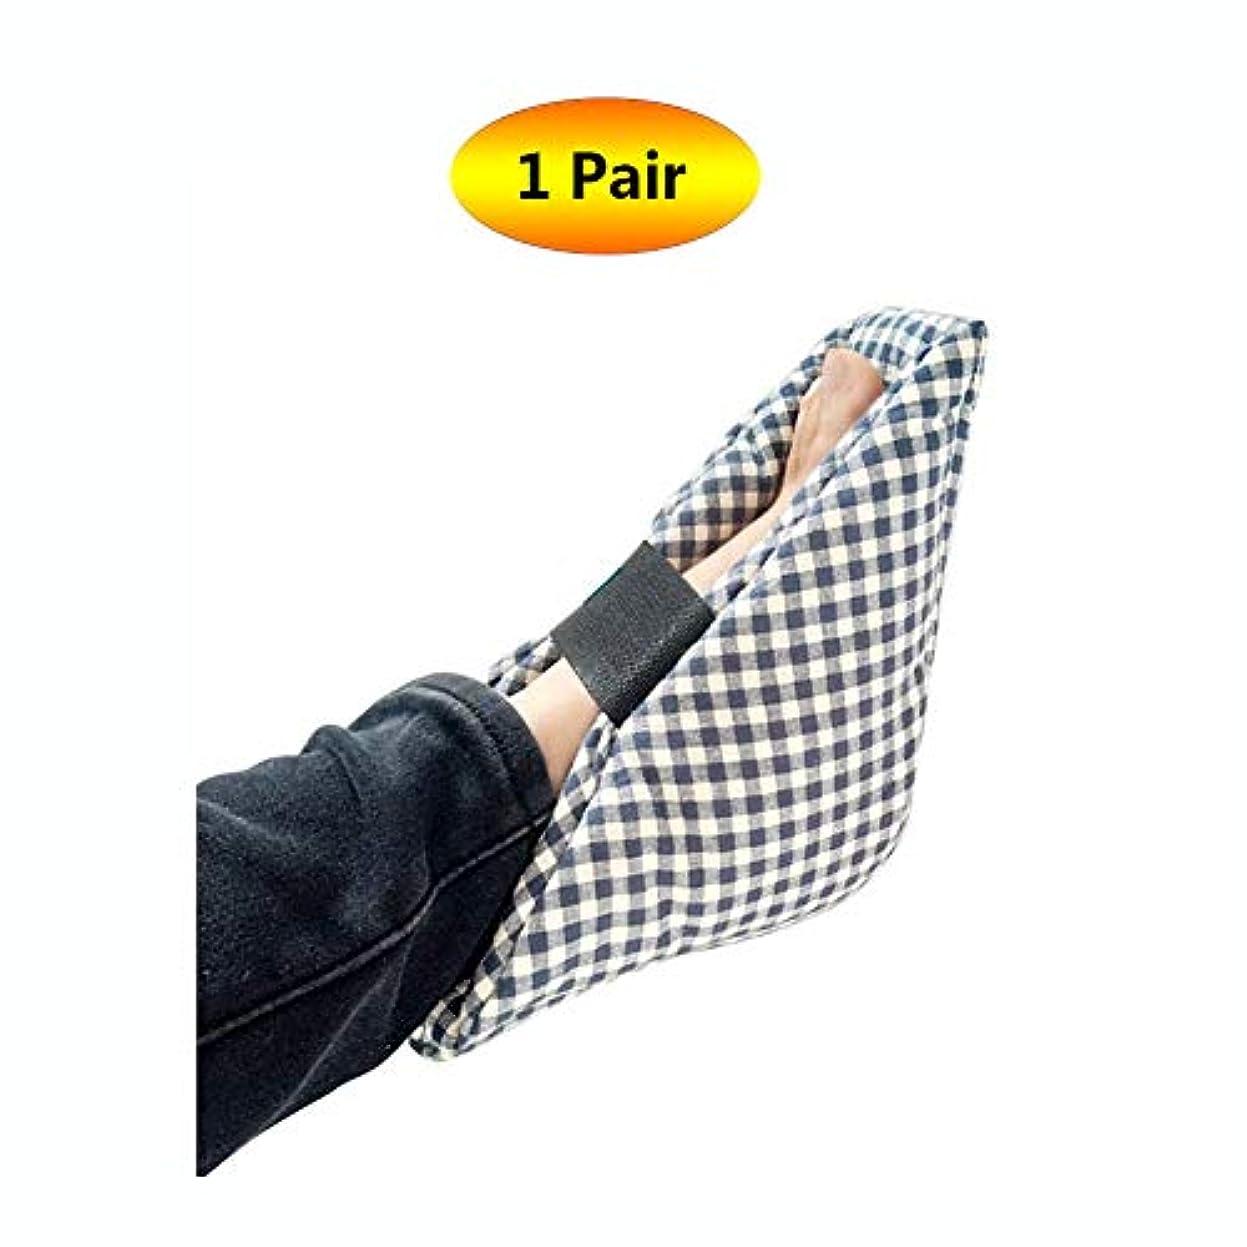 嫌がらせおそらく漏れソフト慰めヒールプロテクター枕、ヒールフロートヒールプロテクター、高齢者の足補正カバー - 1ペア